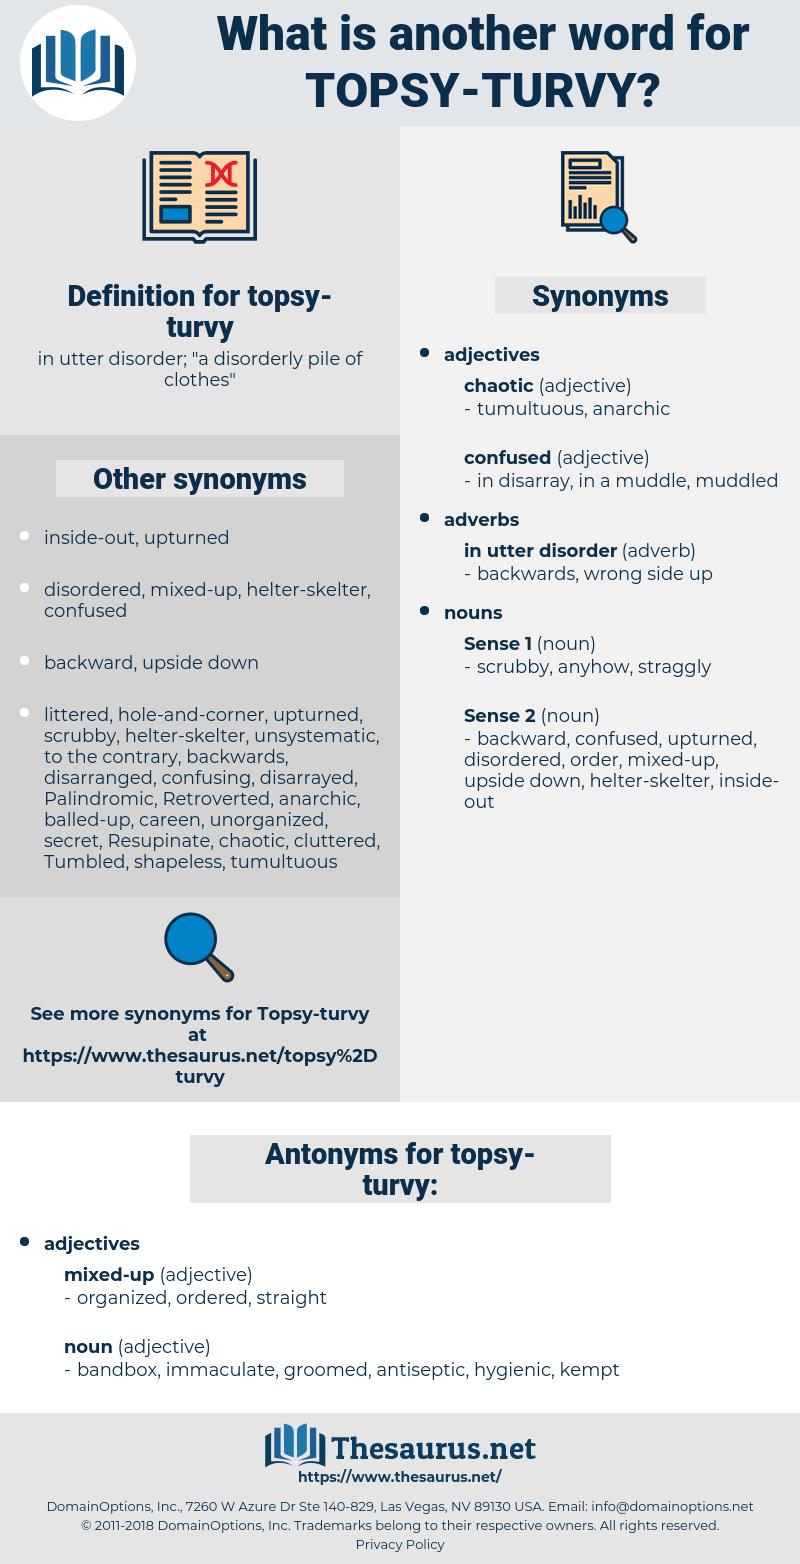 topsy-turvy, synonym topsy-turvy, another word for topsy-turvy, words like topsy-turvy, thesaurus topsy-turvy